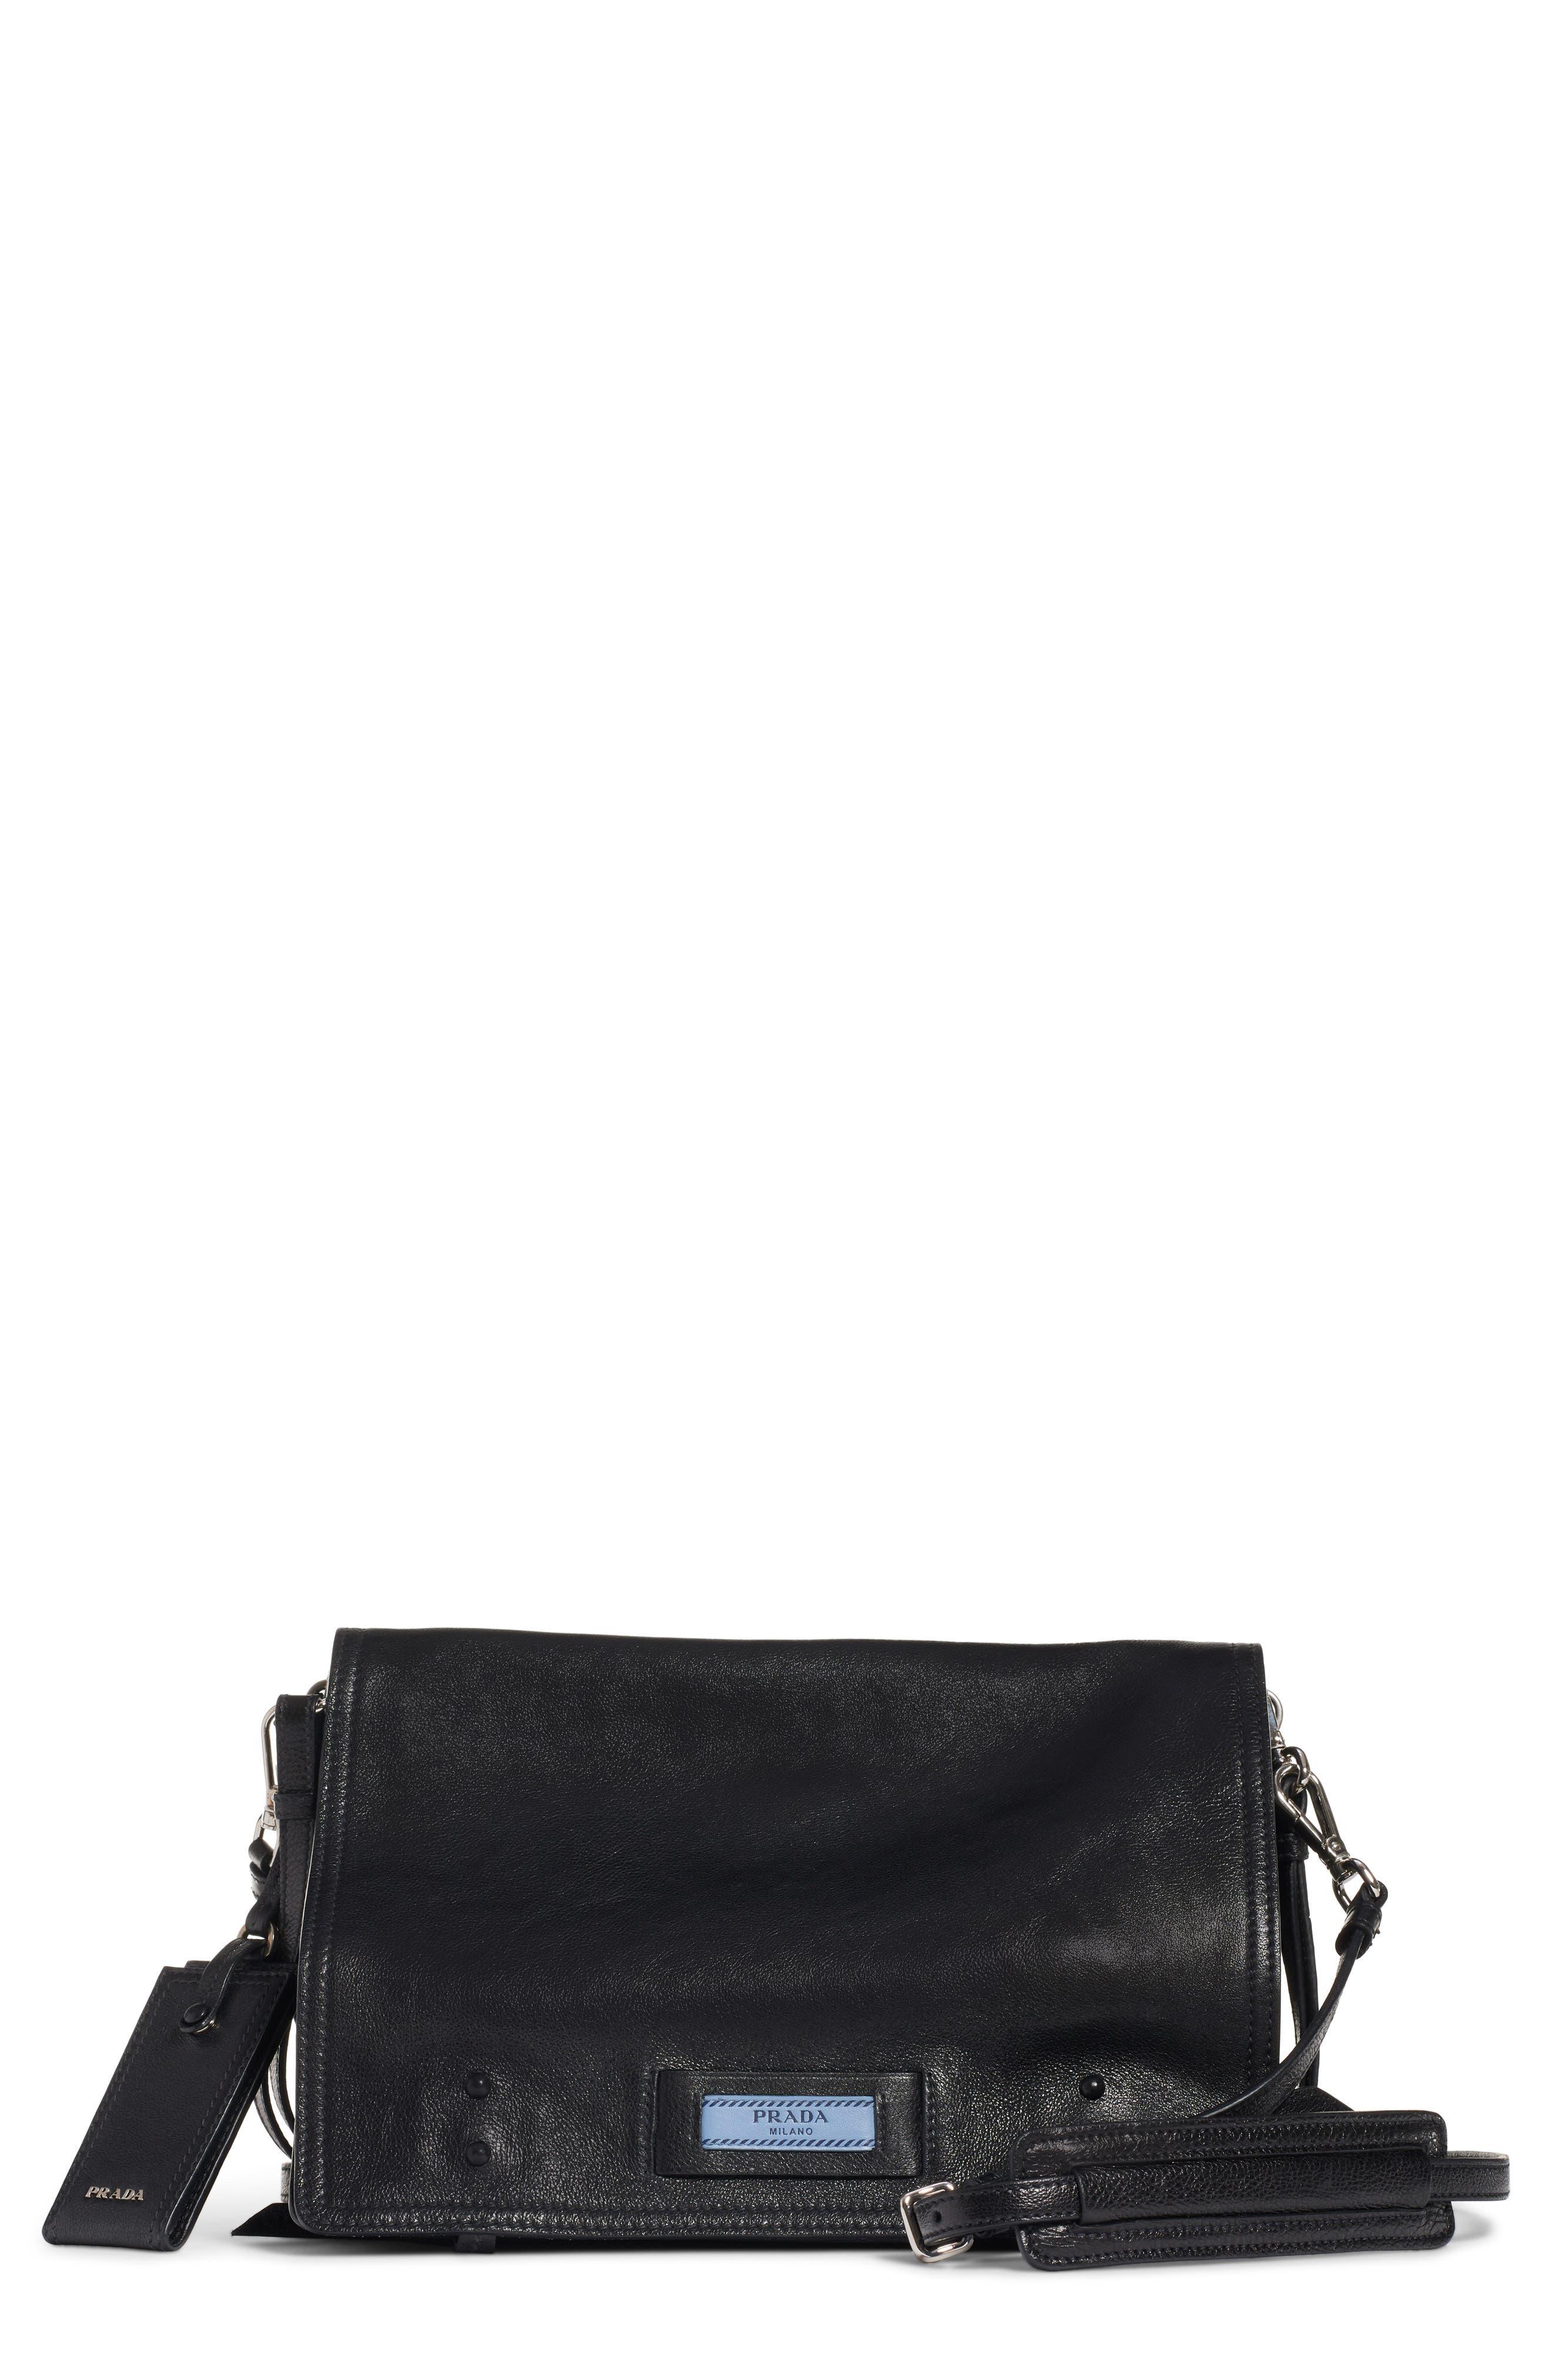 8a90e253e3ad Prada Shoulder Bags